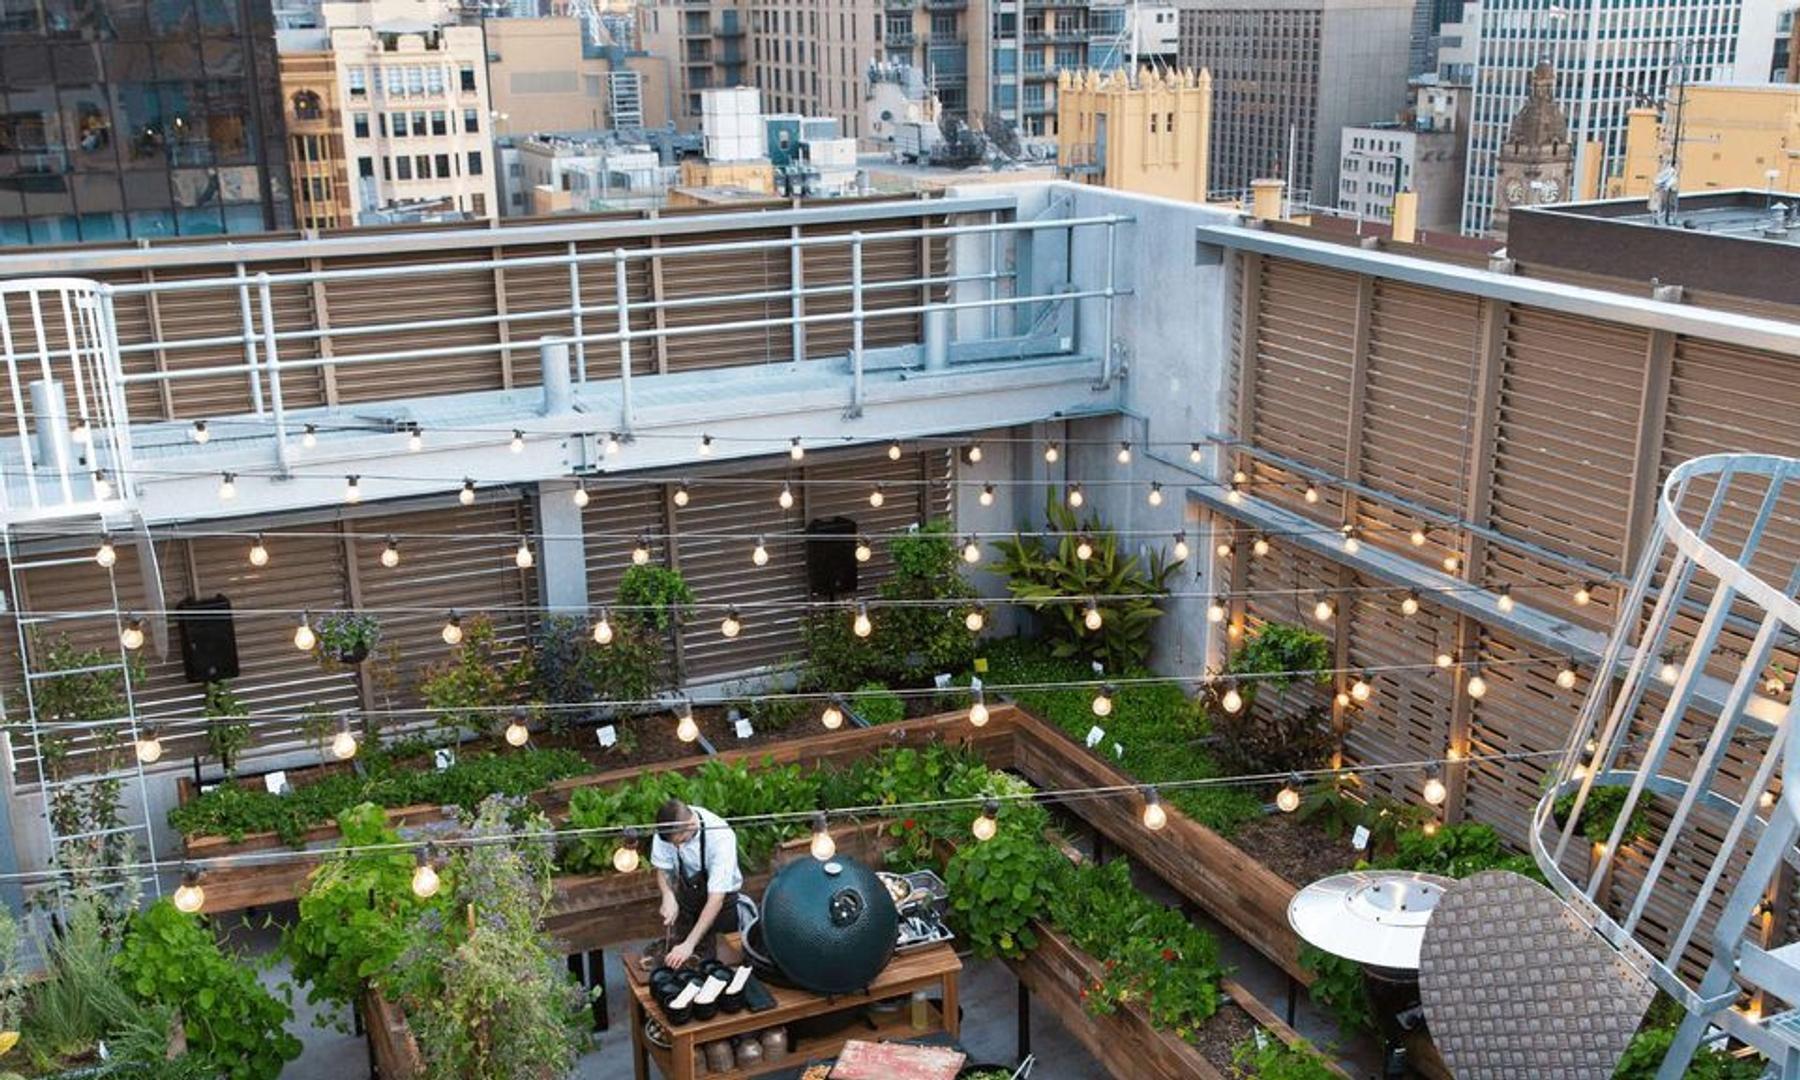 QT Hotel's Melbourne CBD rooftop garden